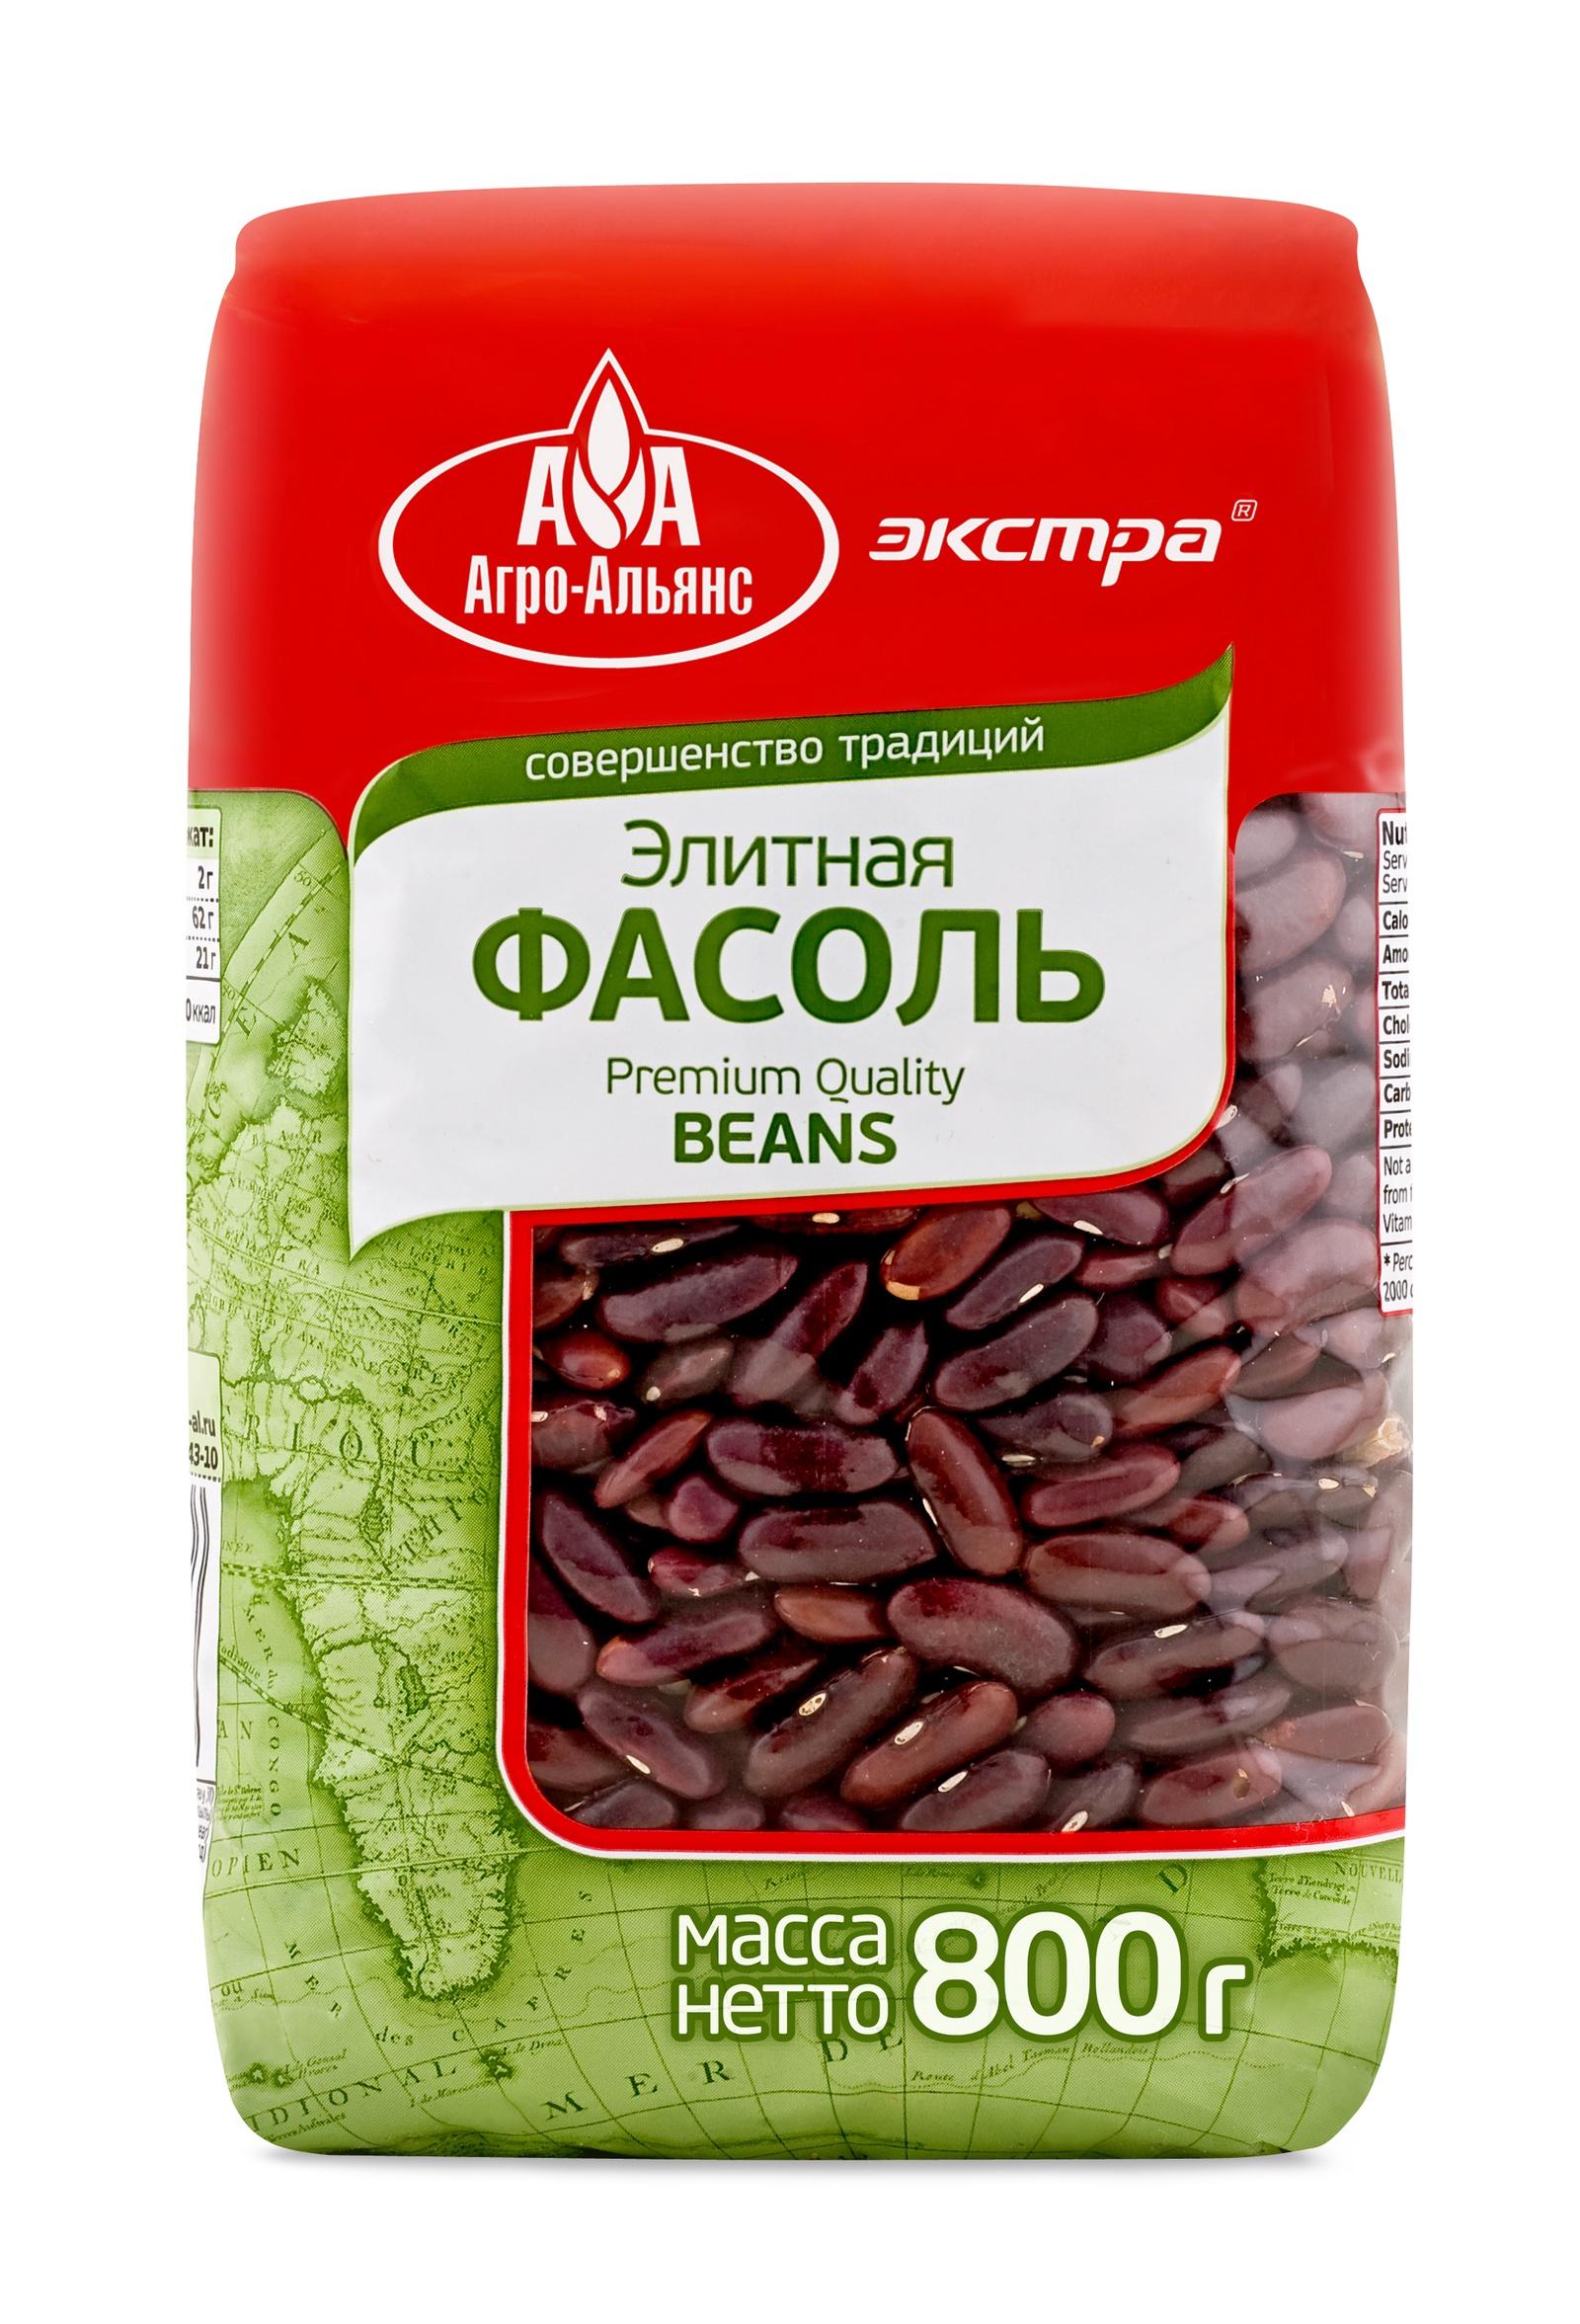 Фасоль сушеная Агро-Альянс ОФ000024179, 800 Агро-Альянс